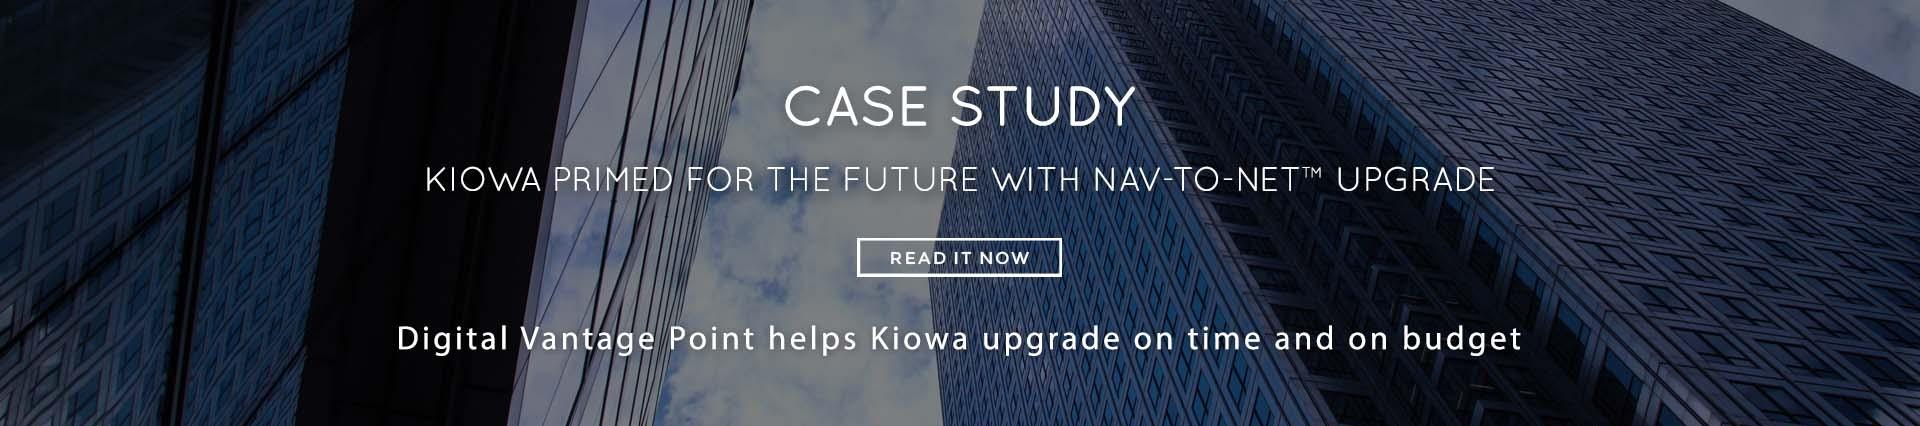 Kiowa Case Study